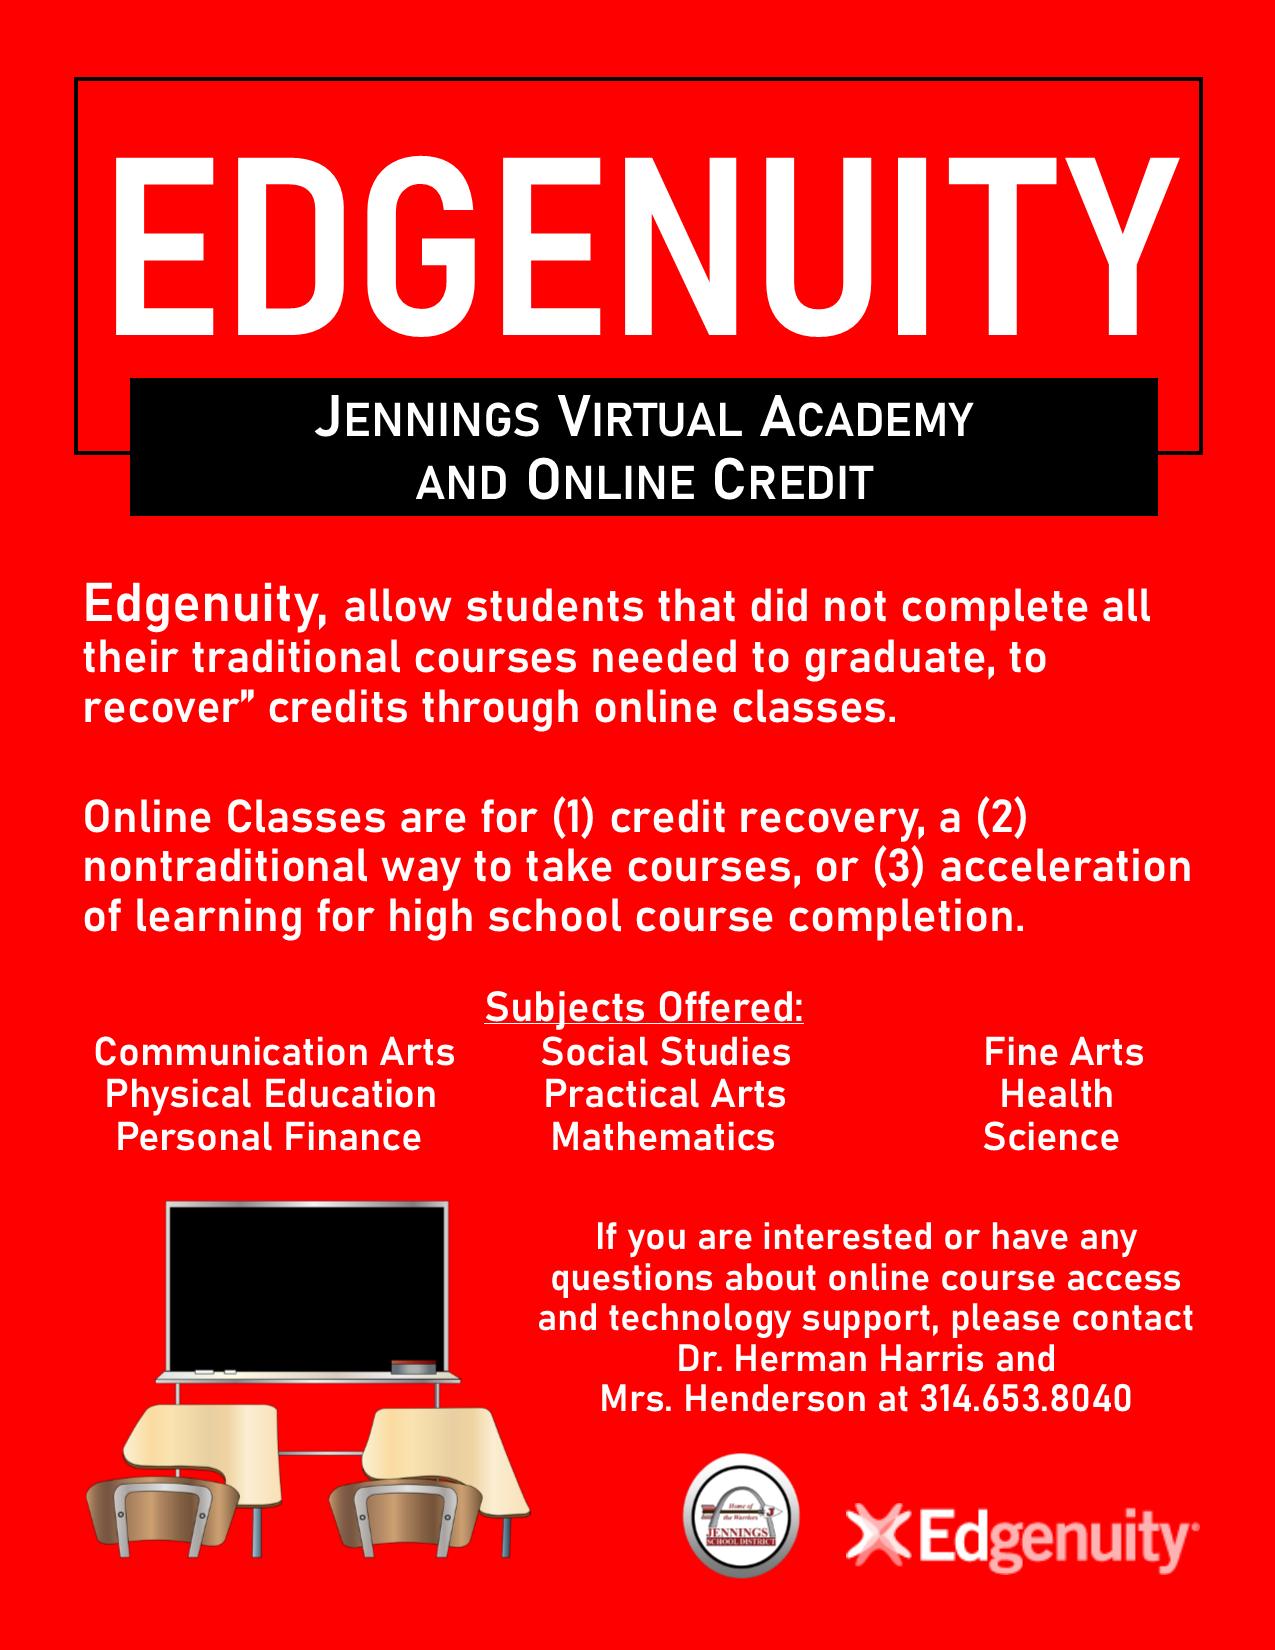 edgenuity flyer